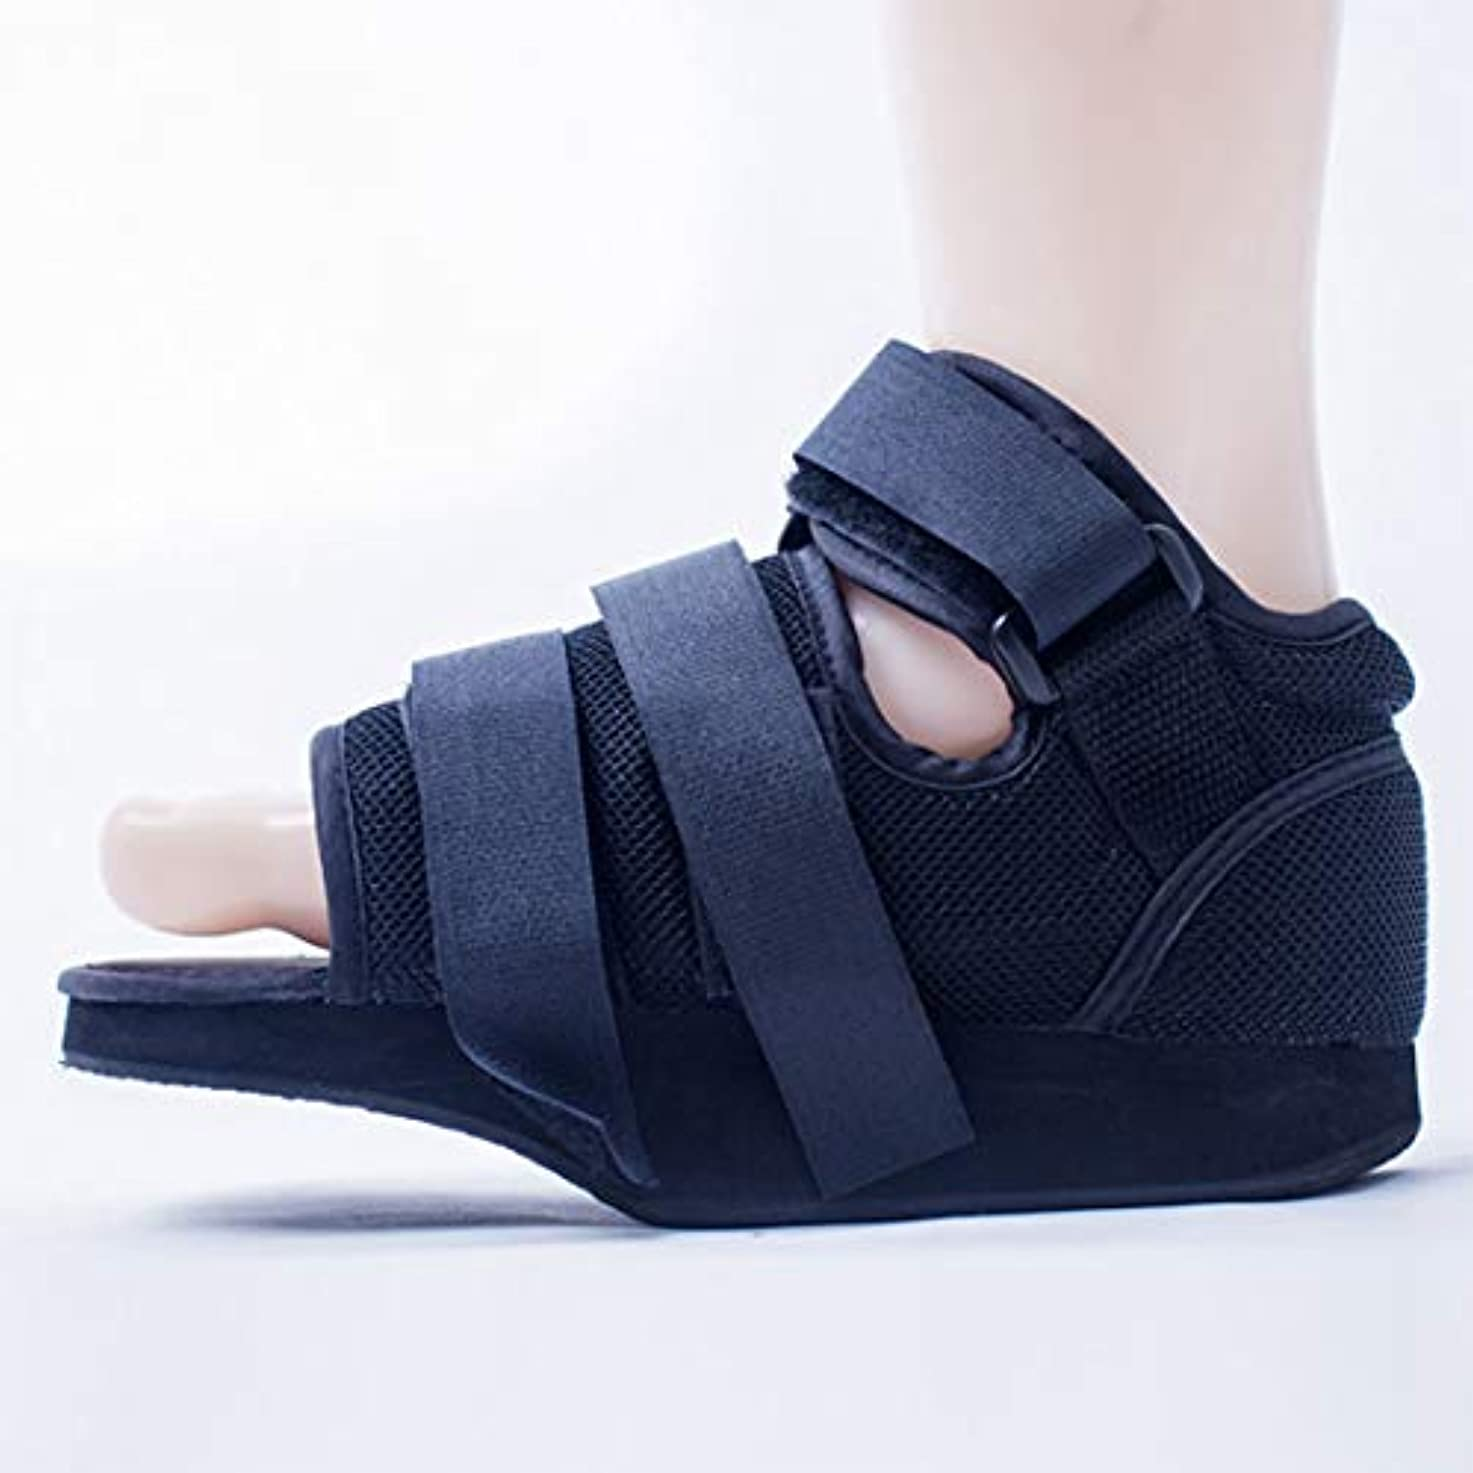 貧しい一見したい医療足骨折石膏の回復靴の手術後のつま先の靴を安定化骨折の靴を調整可能なファスナーで完全なカバー,M25.5cm